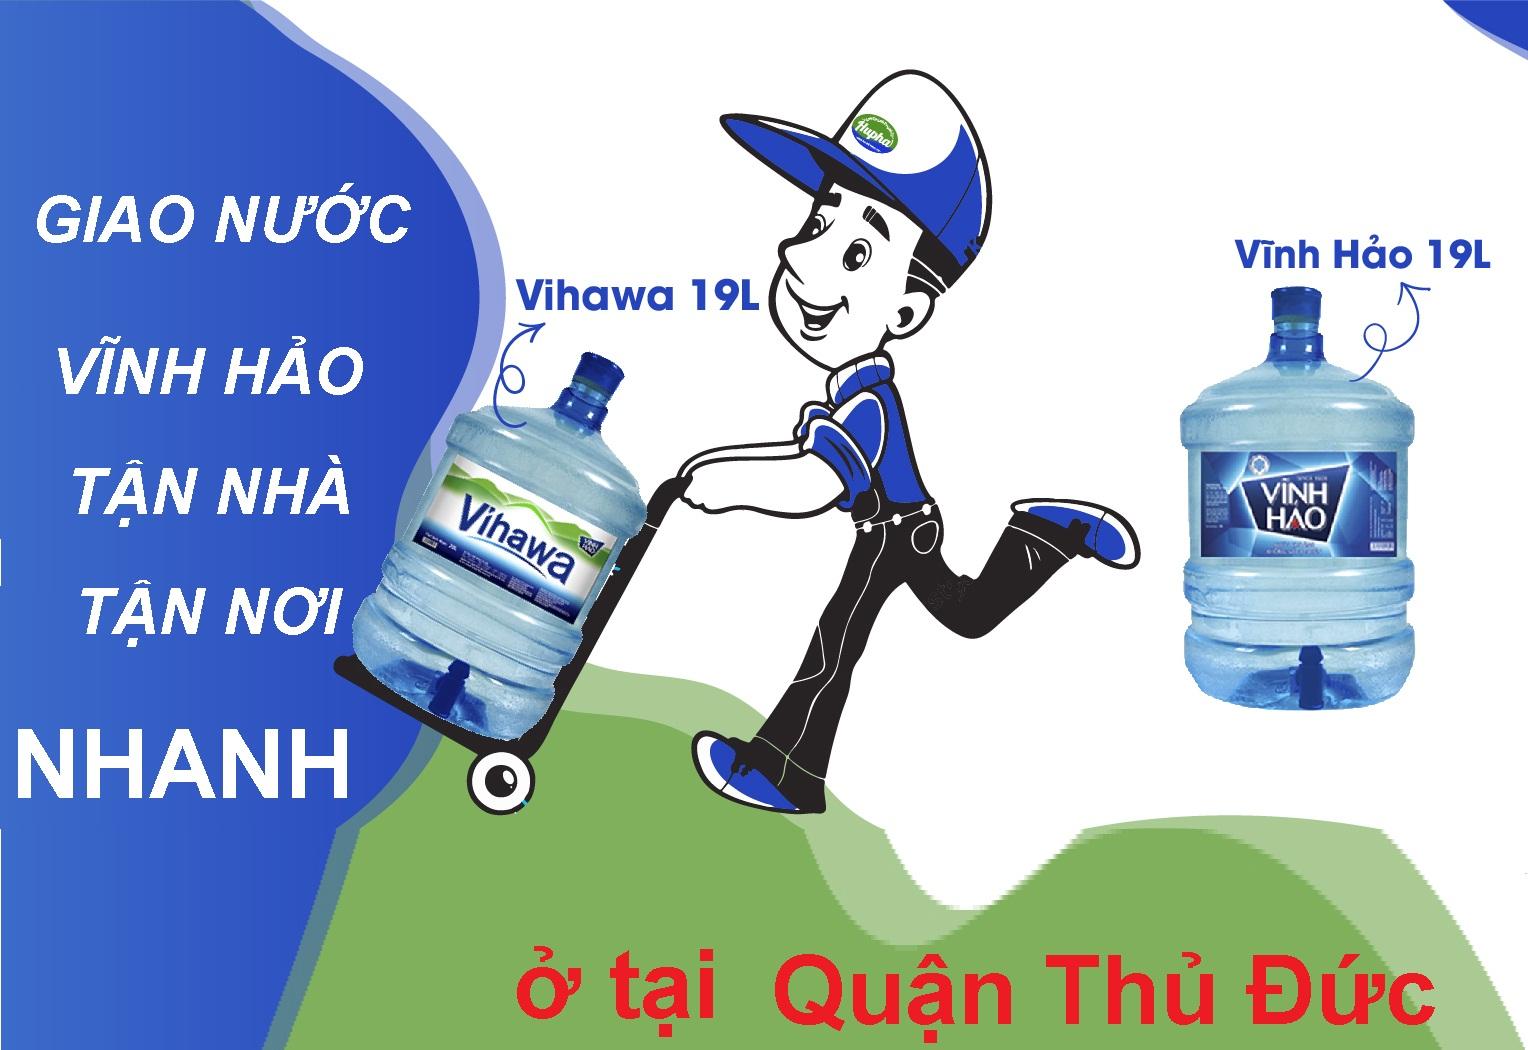 Giao nước Vĩnh Hảo tận nơi ở tại Thủ Đức- GIAO NUOC VINH HAO THU DUC- LỘC QUÂN water